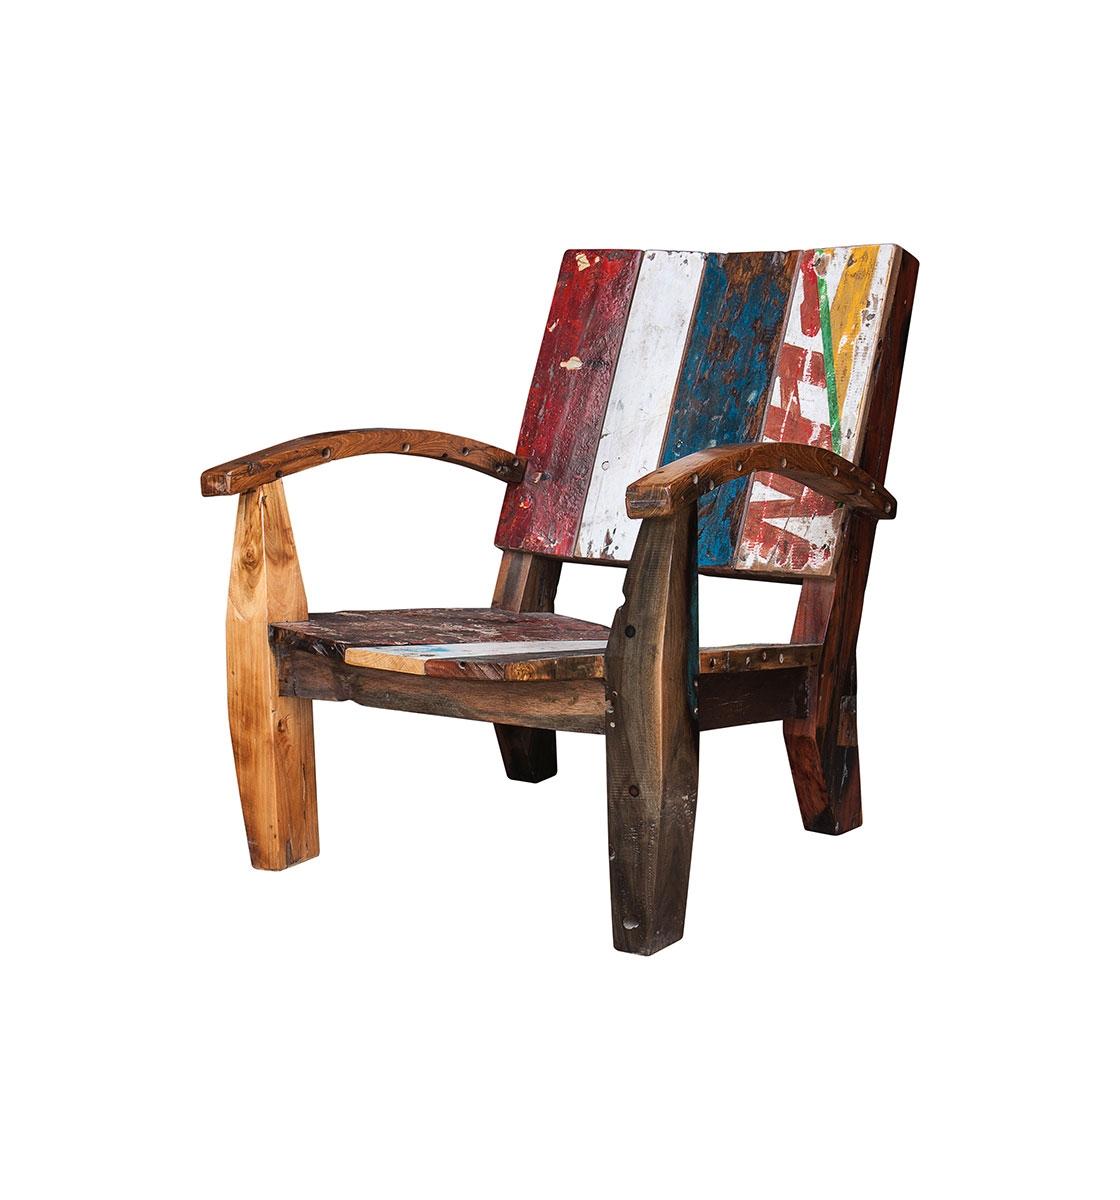 Кресло НьютонПолукресла<br>Кресло, выполненное из массива древесины старого рыбацкого судна, такой как: тик, махагон, суар, с сохранением оригинальной многослойной окраски.<br><br>С 2 подлокотниками, подходит для работы и отдыха.<br>Подходит для использования как внутри помещения, так и снаружи.<br>Сборка не требуется.<br><br>Material: Тик<br>Width см: 80<br>Depth см: 85<br>Height см: 85